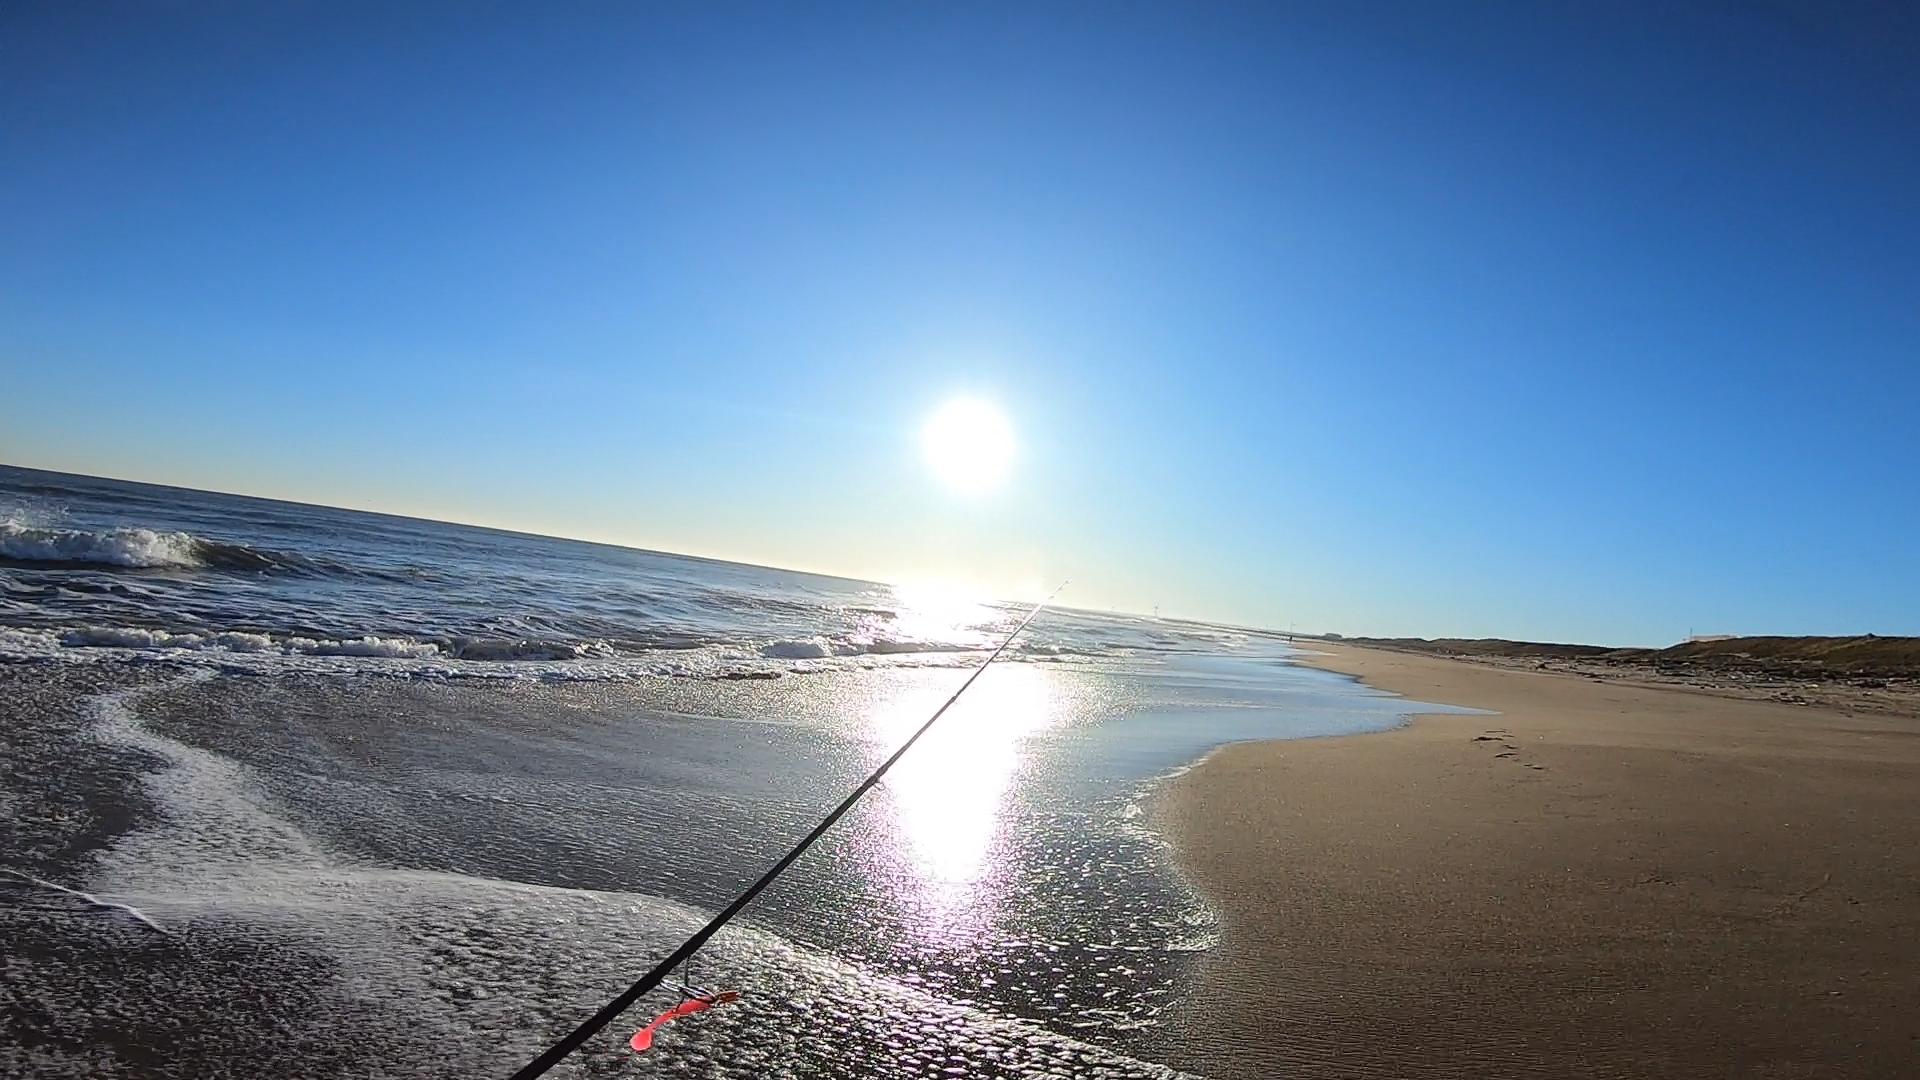 波崎シーサイドパークの釣り ショアジギングでフラットフィッシュ(ヒラメ)狙いの釣行記